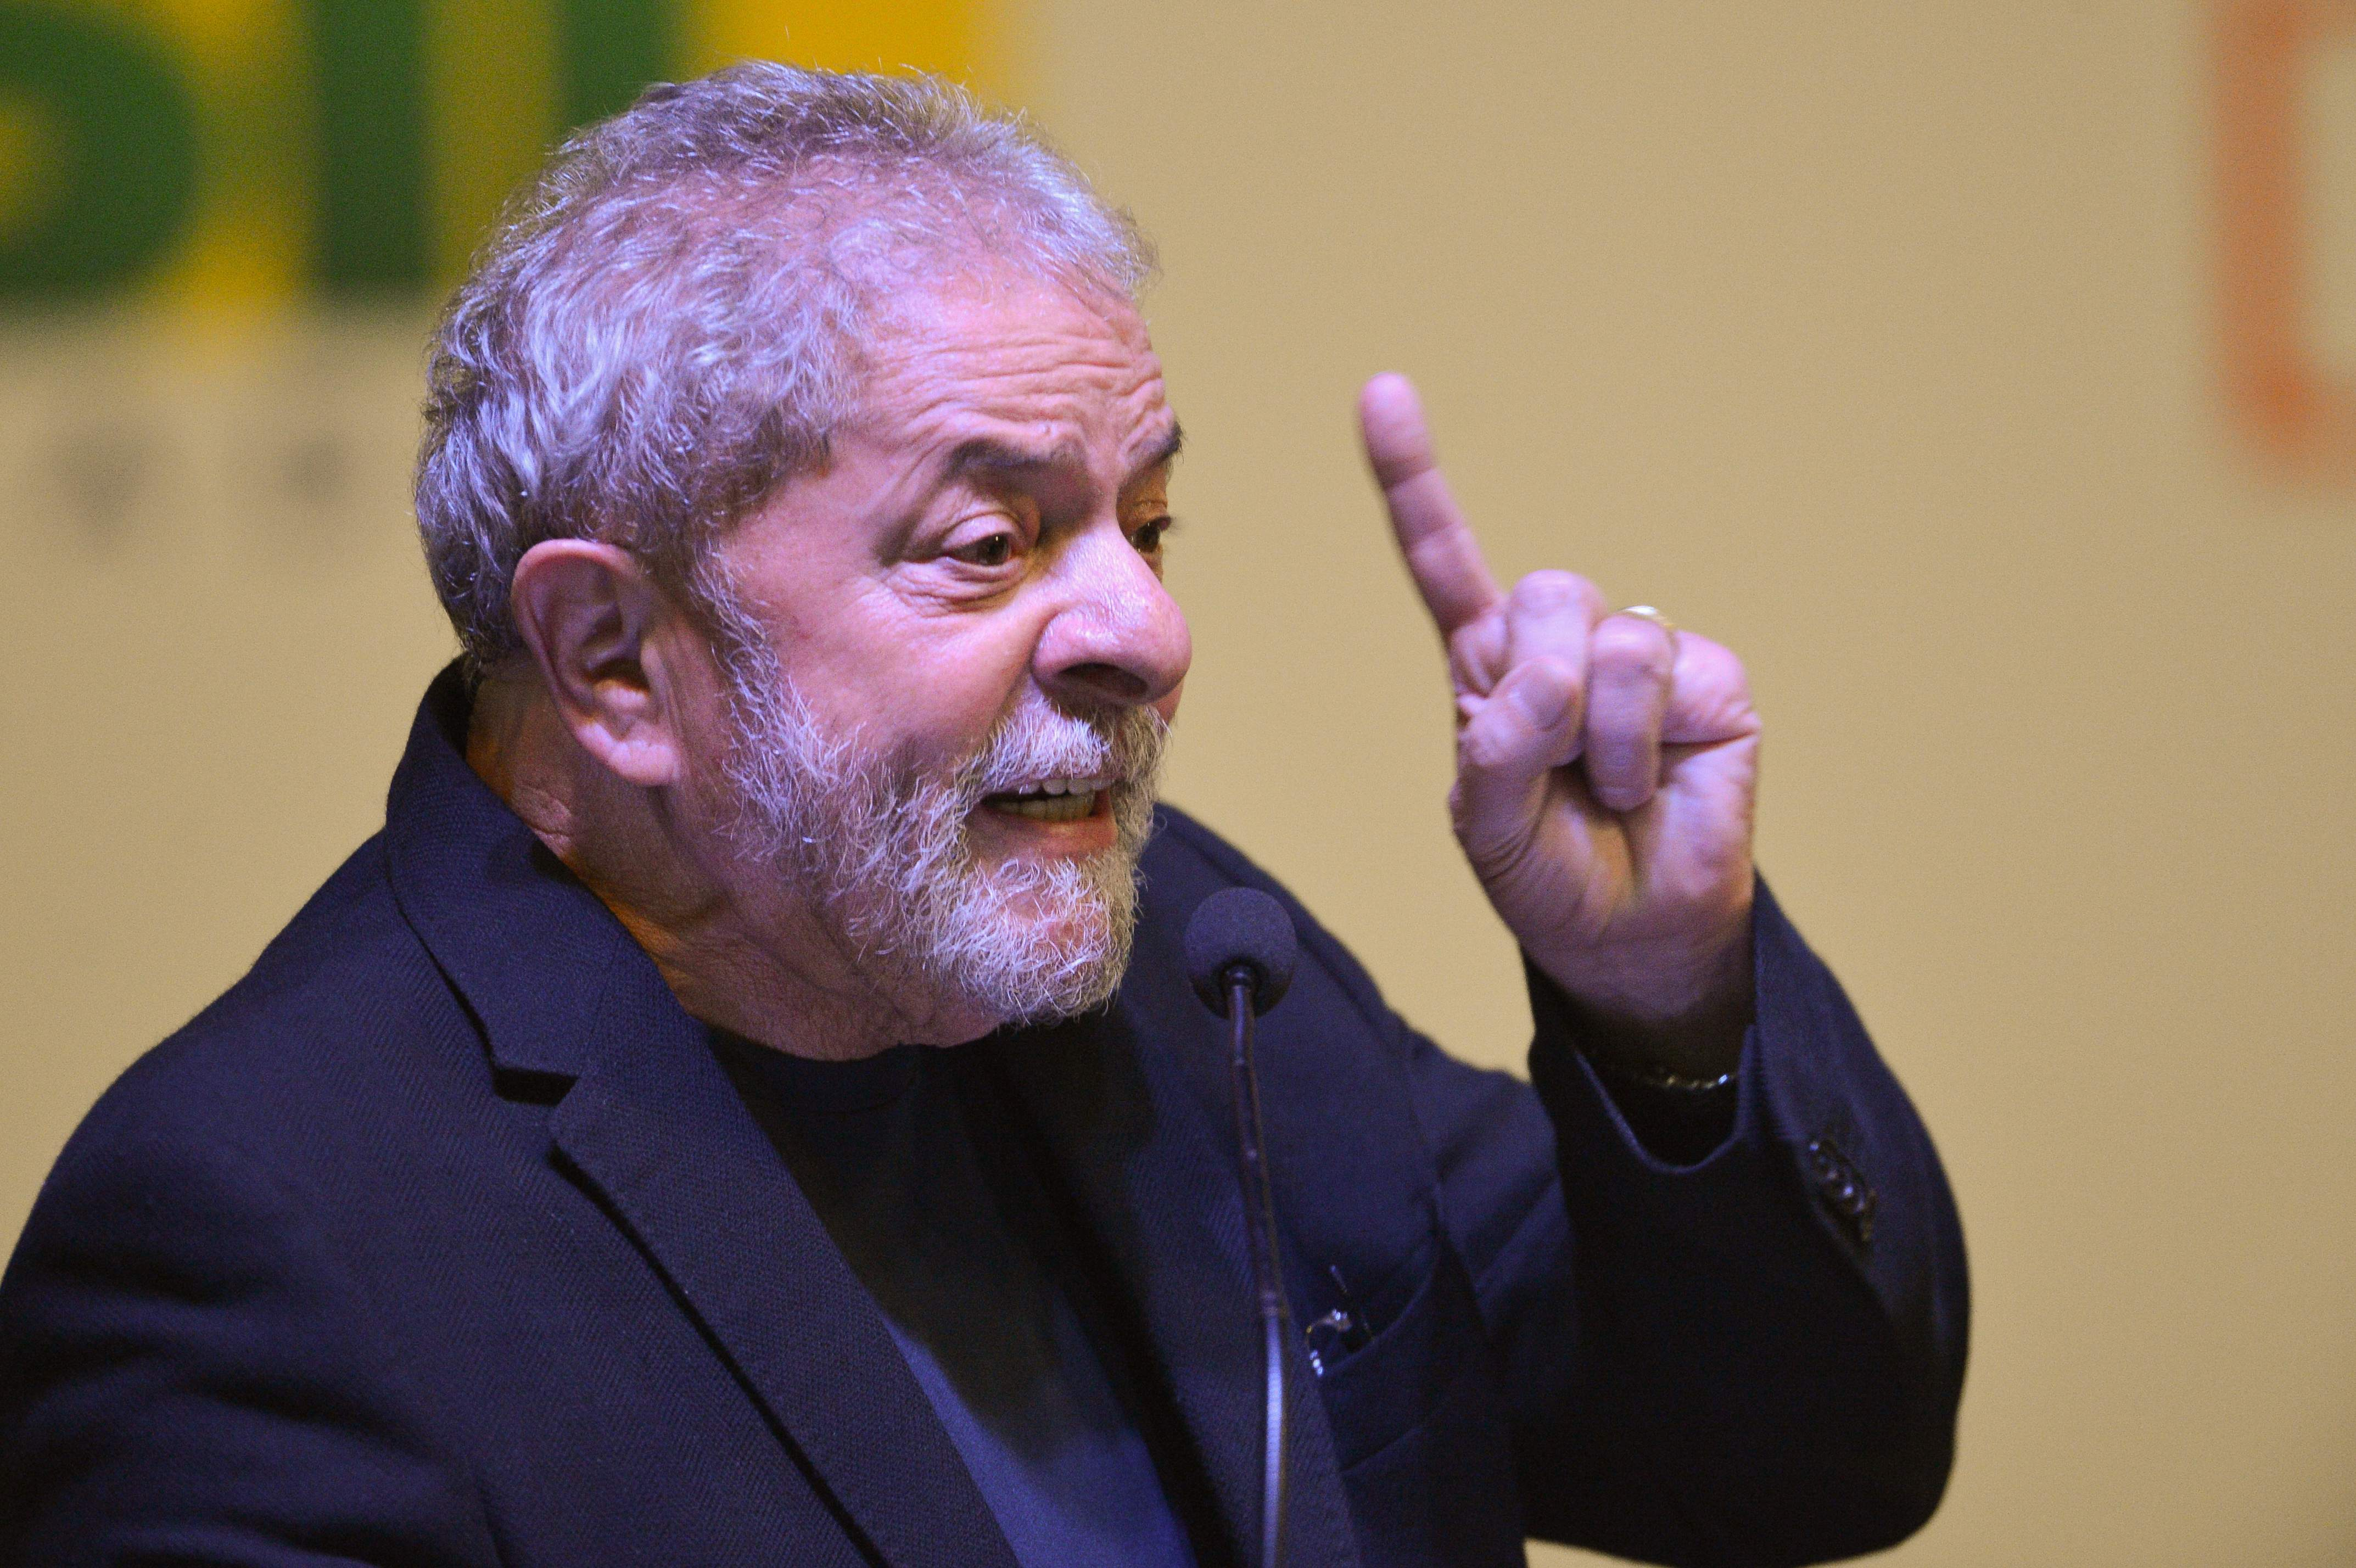 Moro intima Lula sobre bloqueio de bens e contas bancárias